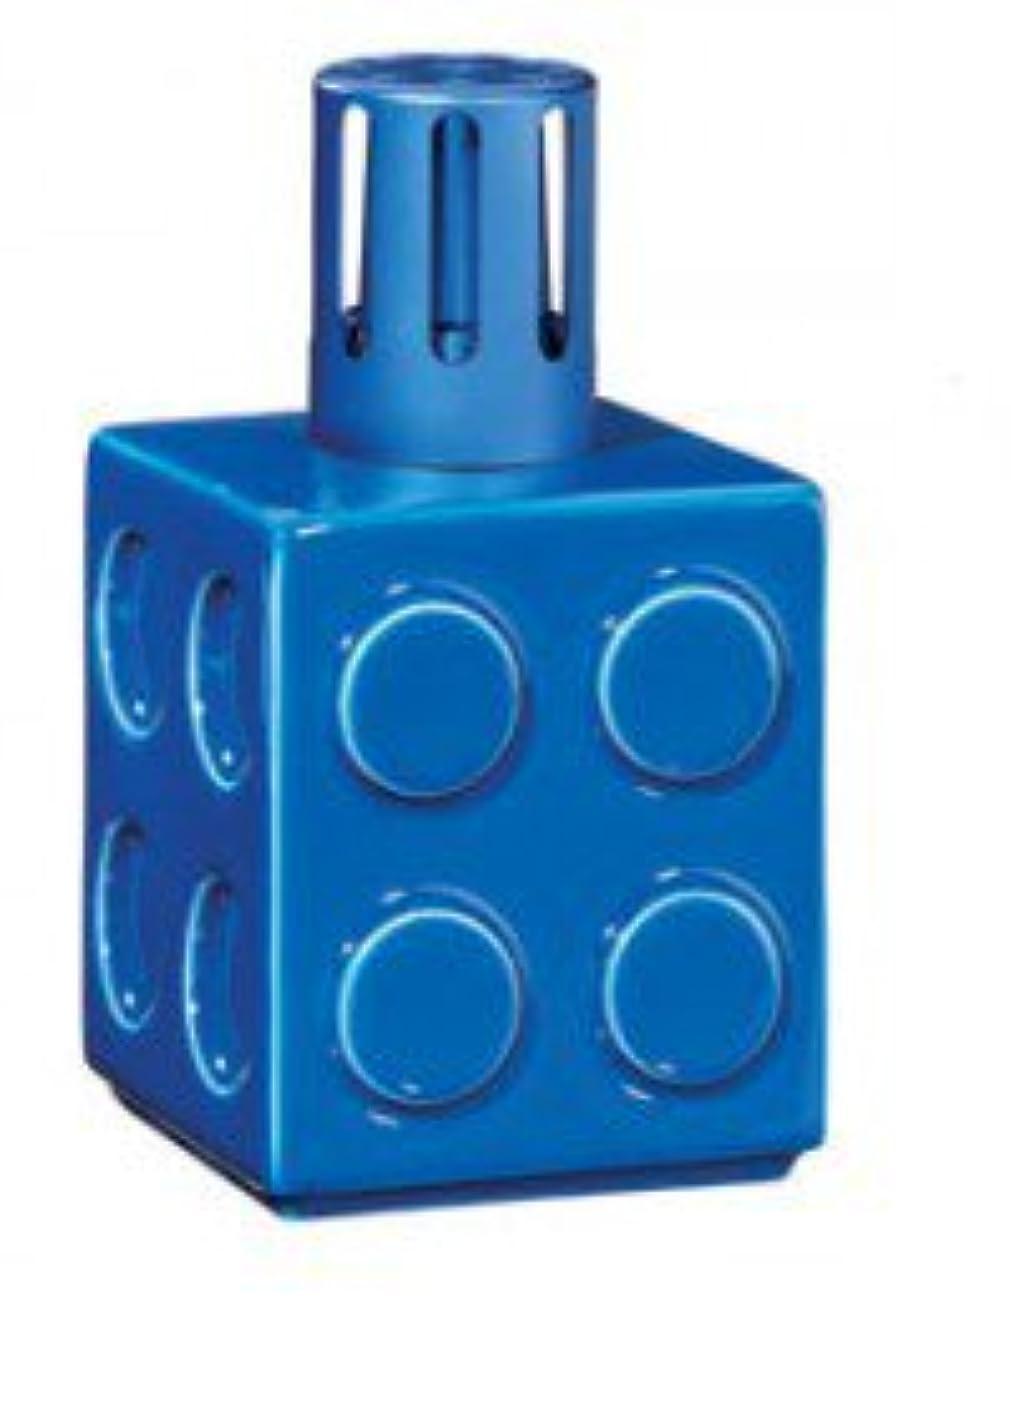 相対性理論くしゃくしゃカードランプベルジェ?ランプ Play Berger Blue